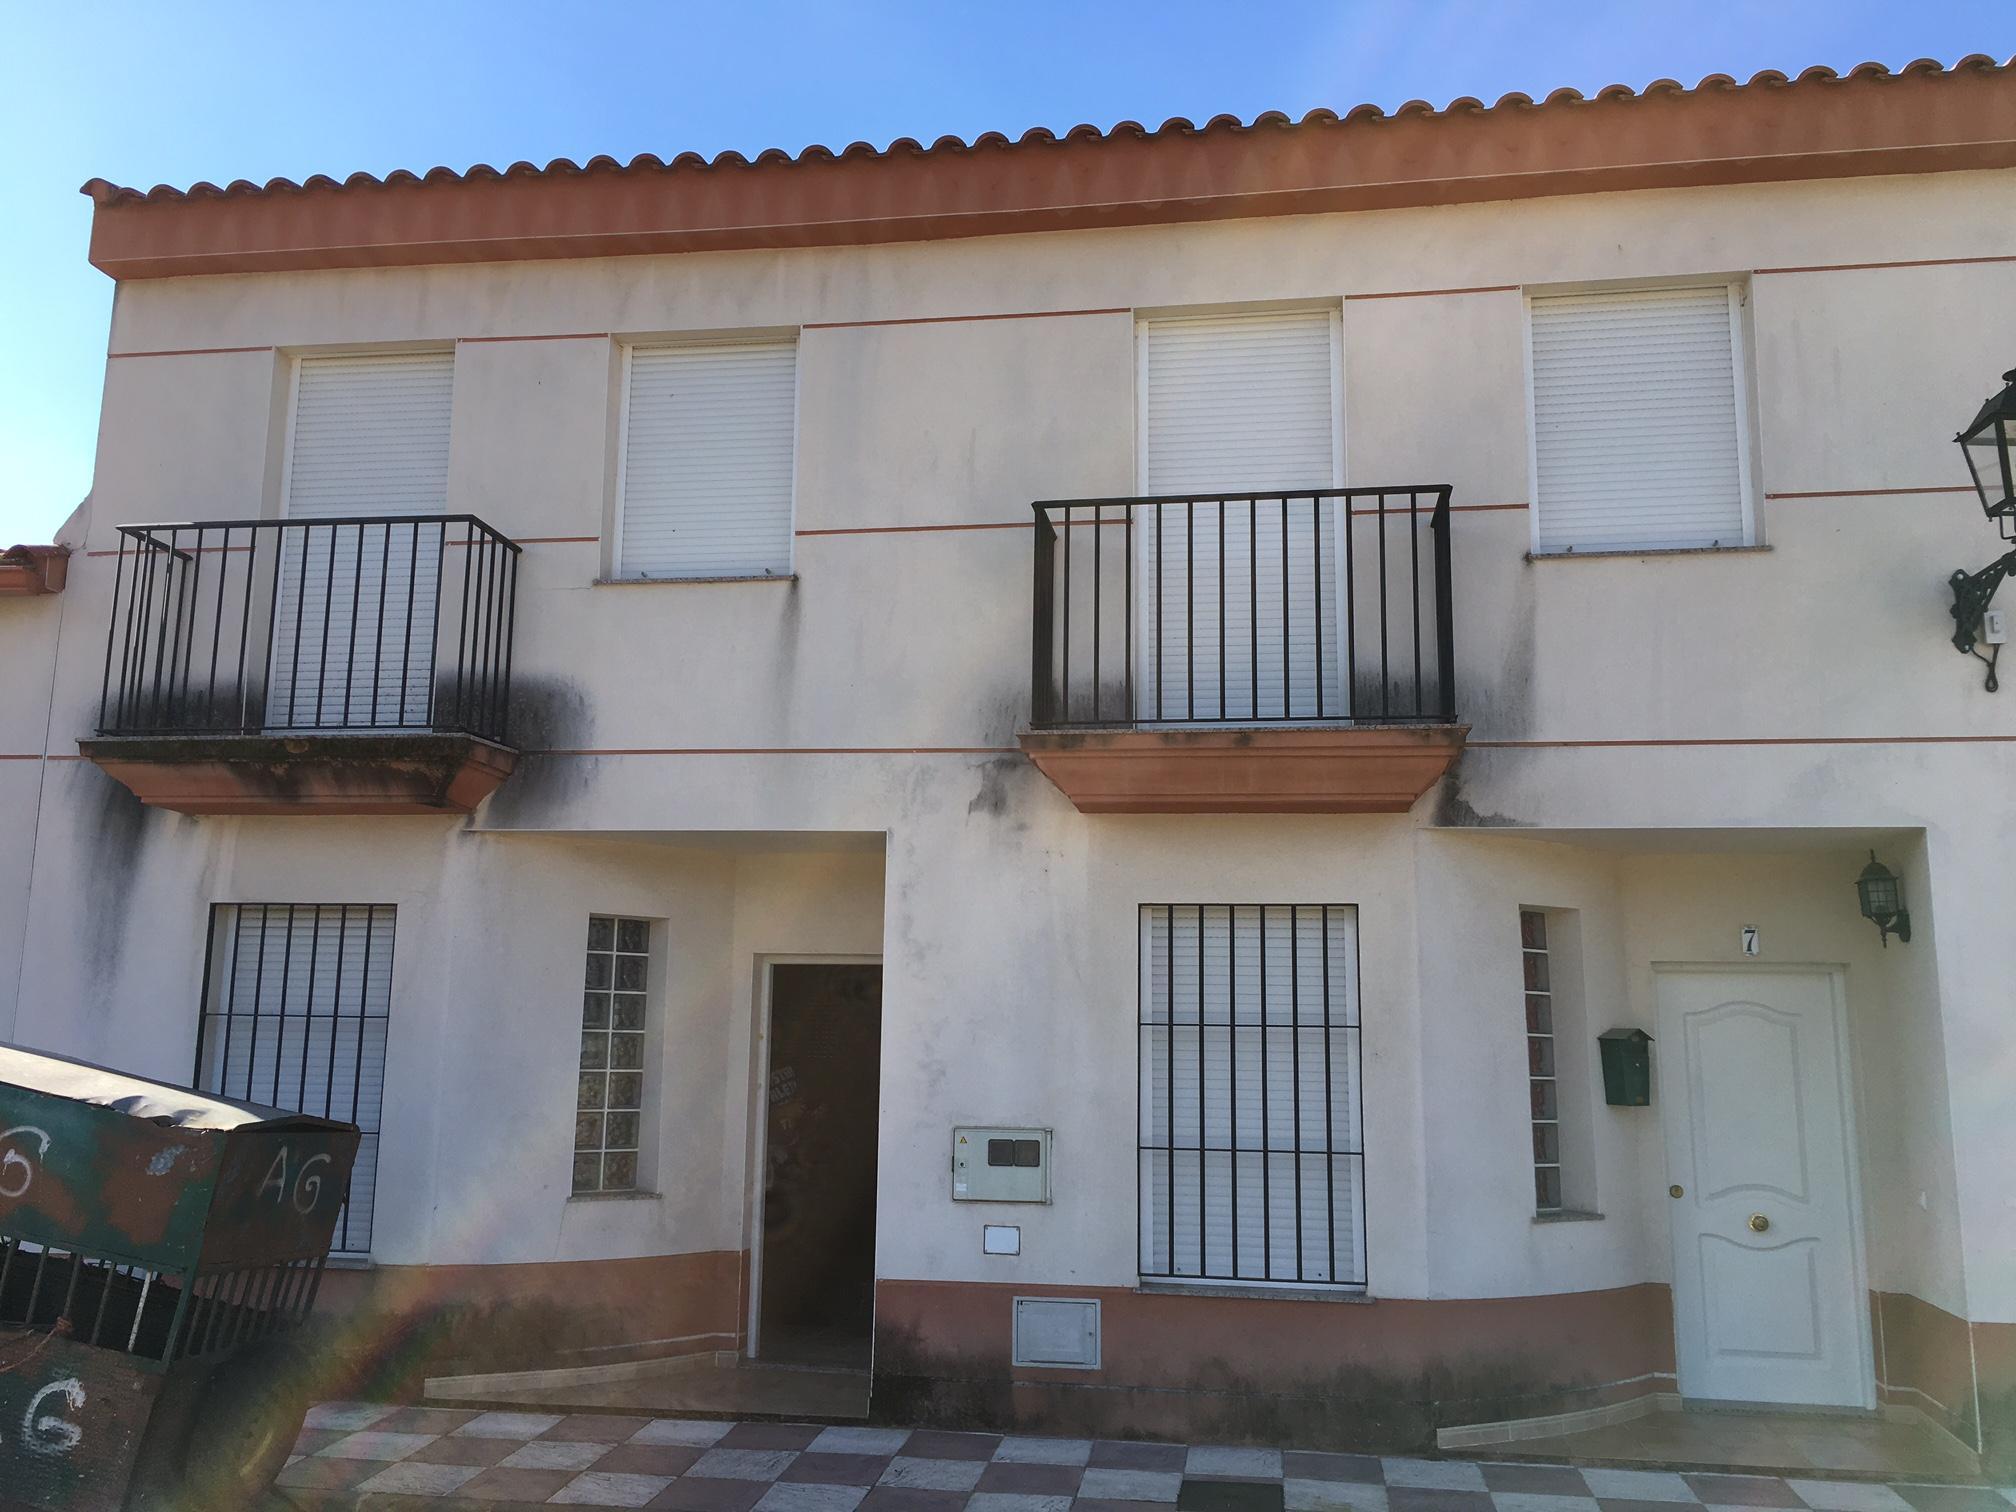 Casa en venta en Arroyomolinos de León, Arroyomolinos de León, Huelva, Calle Extremadura Trasera, 41.500 €, 2 habitaciones, 2 baños, 75 m2